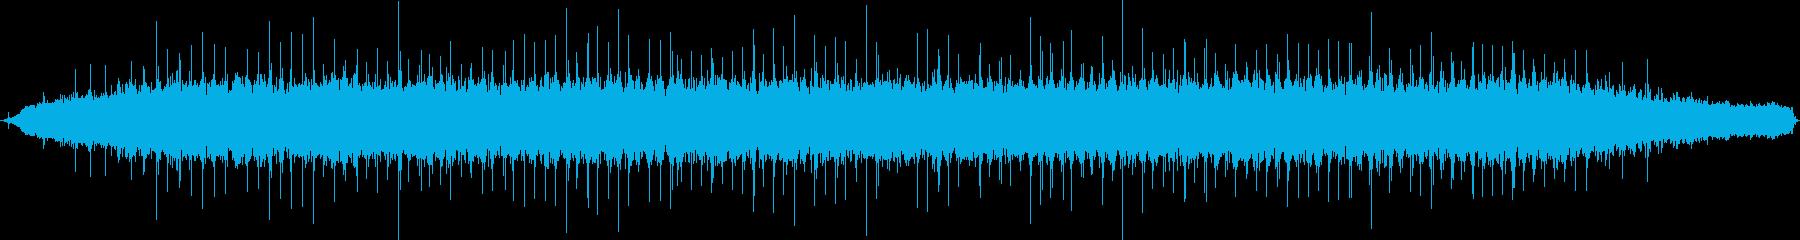 ラウドモーターハムを備えたエクササ...の再生済みの波形